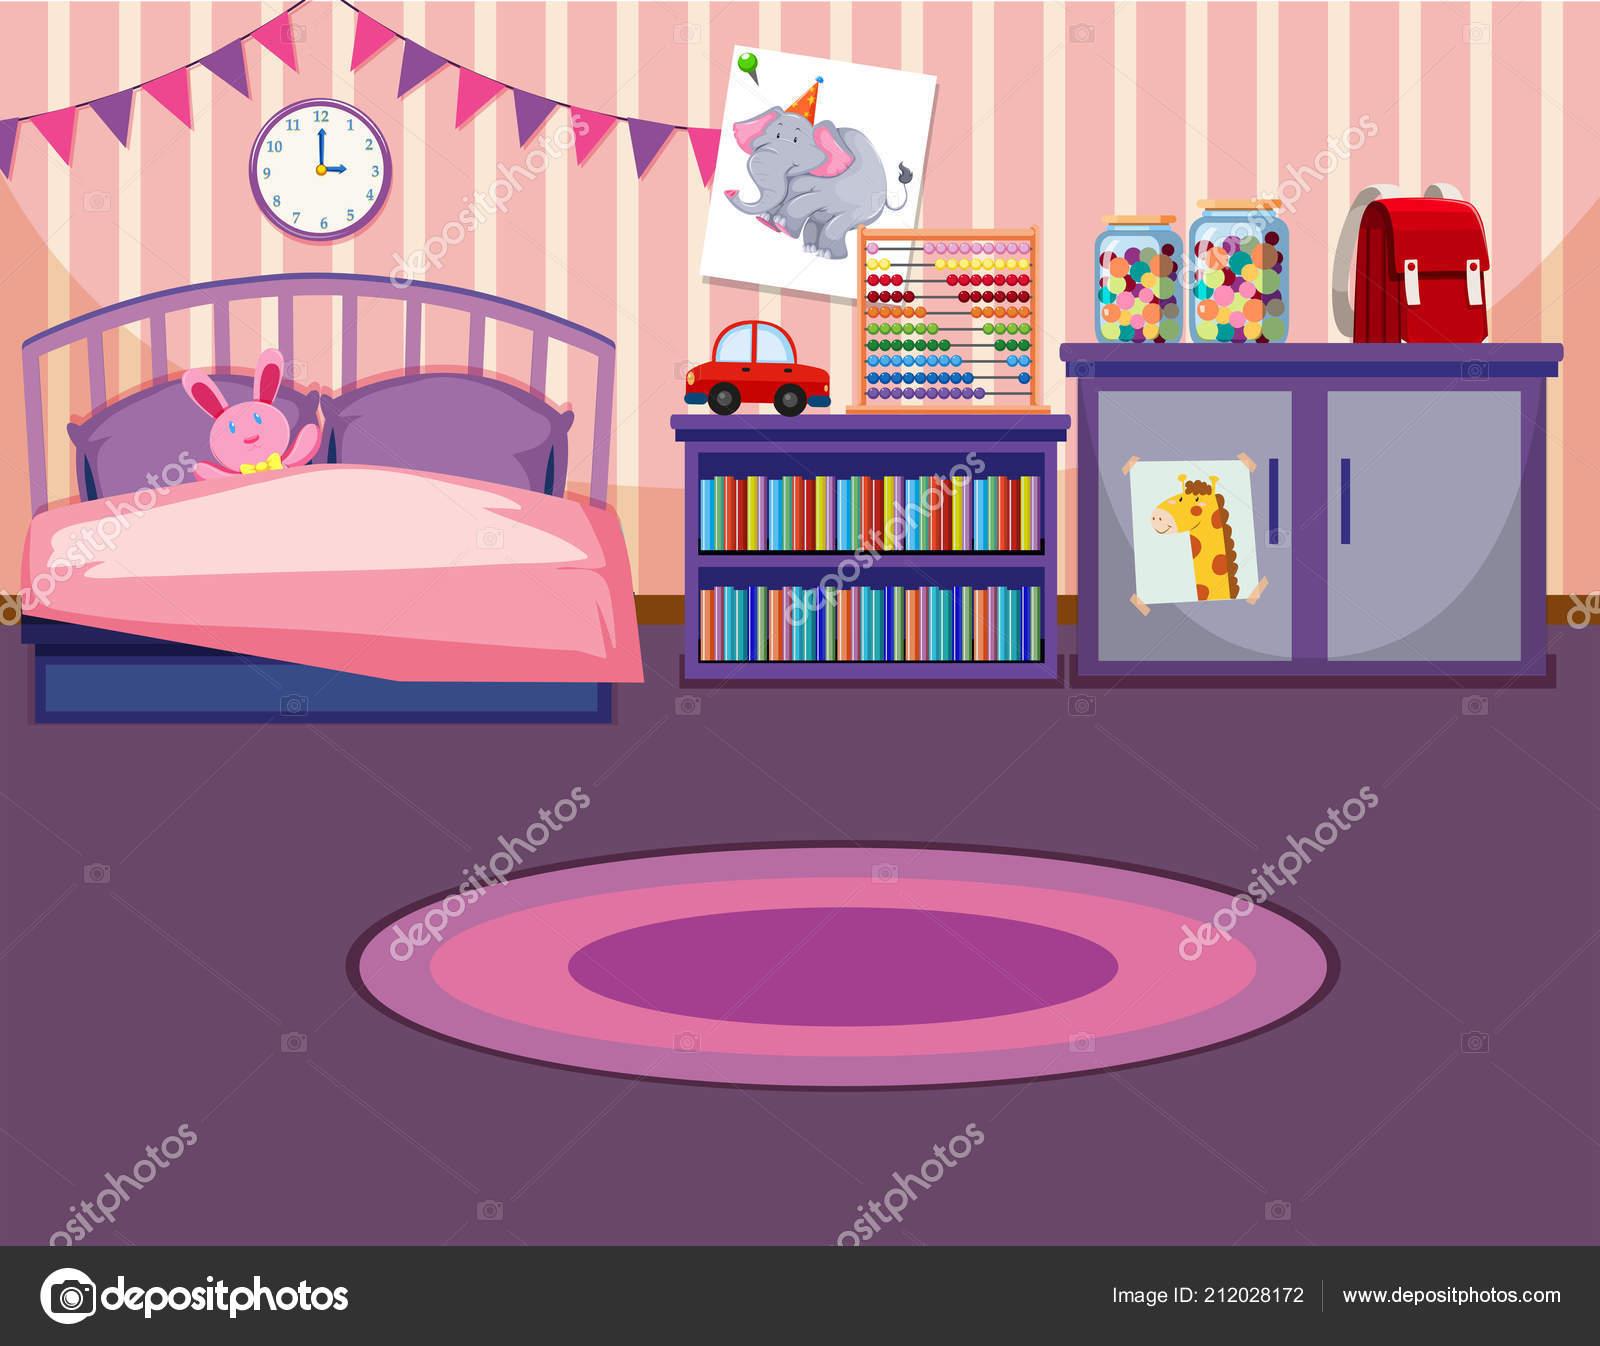 Une Illustration Modèle Chambre Fille — Image vectorielle ...